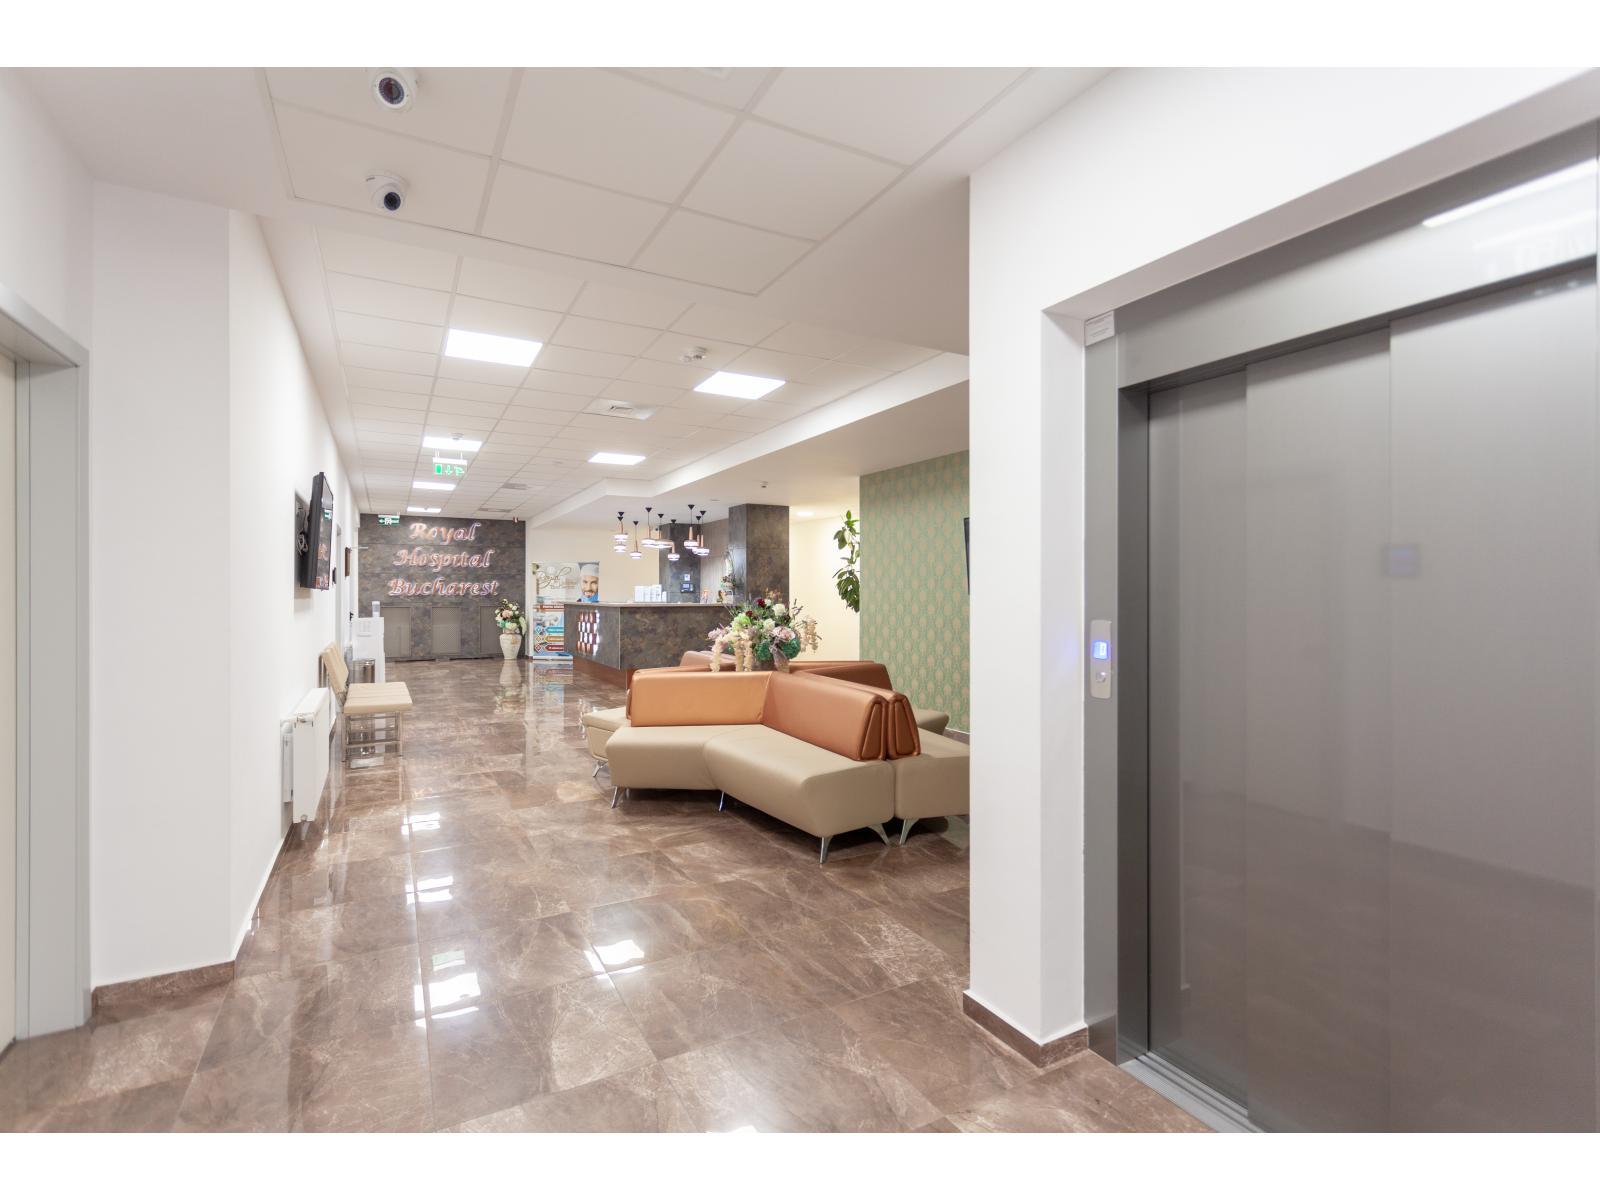 Royal Hospital - IMG_4131.jpg